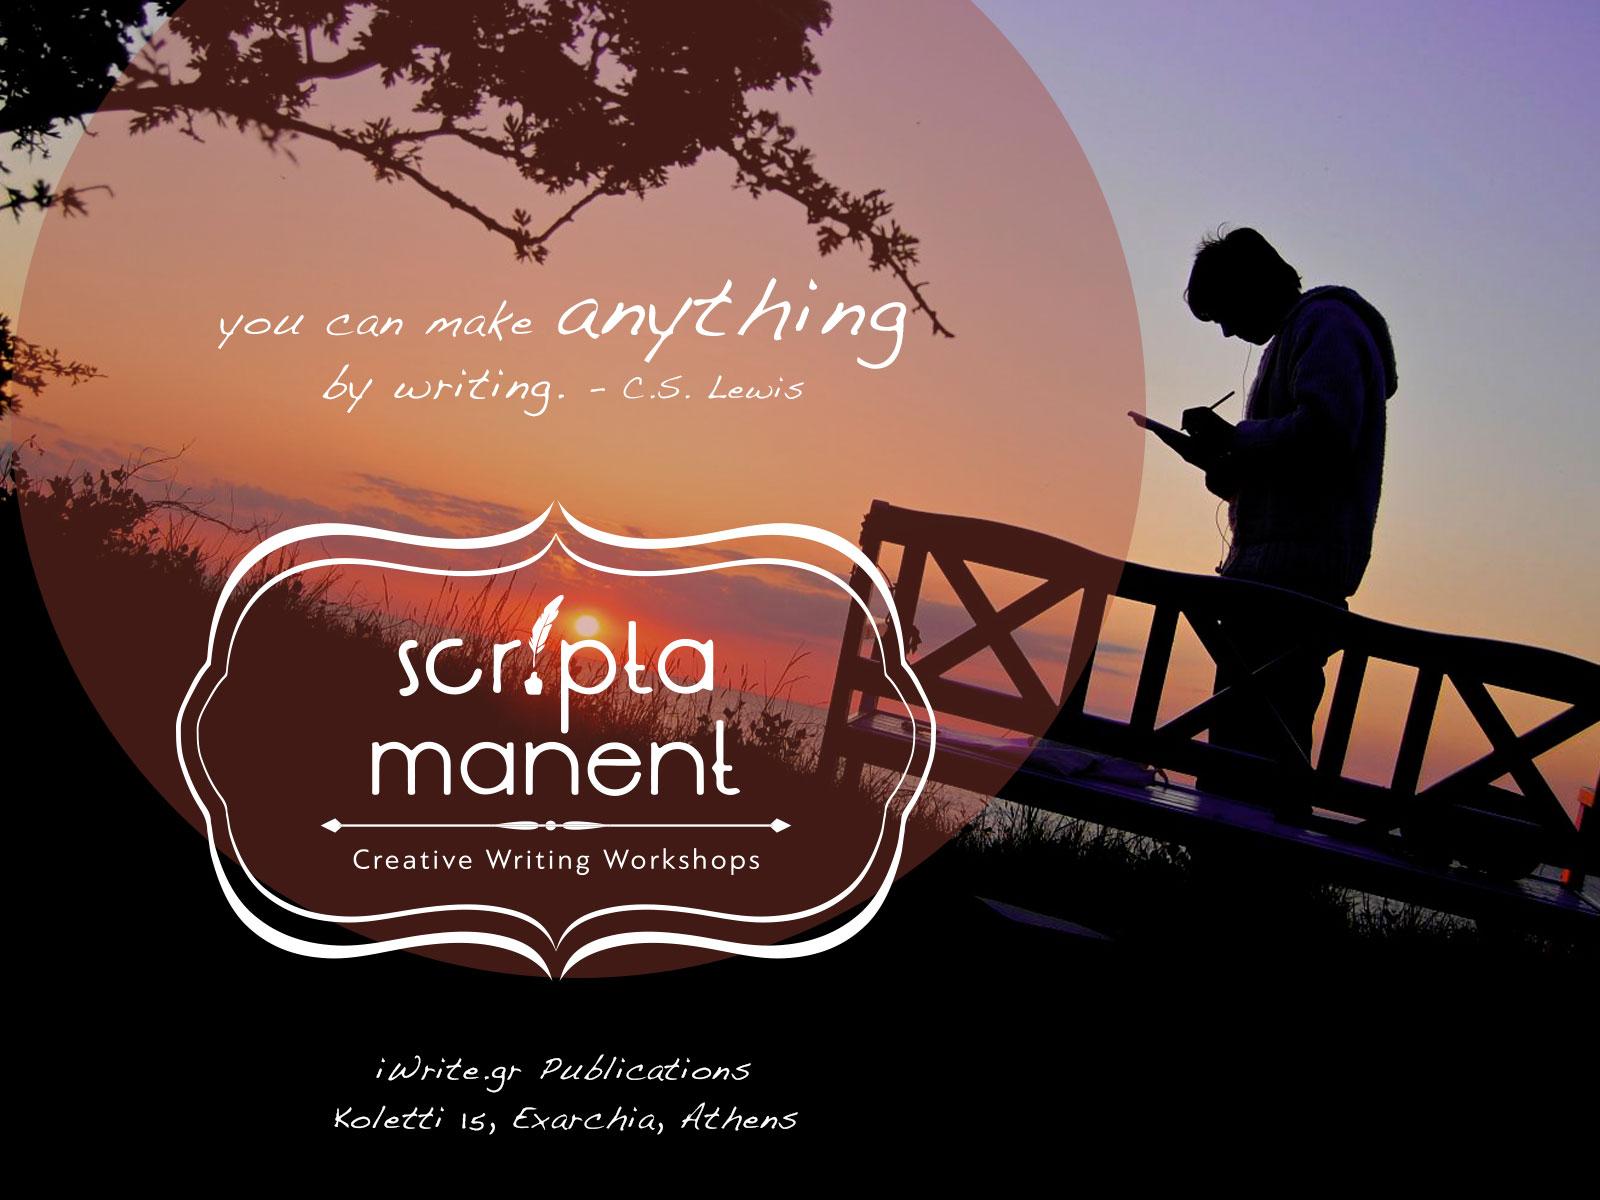 """Εργαστήρια Δημιουργικής Γραφής """"Scripta Manent"""", Αθήνα, Εκδόσεις Πηγή - Εκδόσεις iWrite.gr - www.iWrite.gr"""